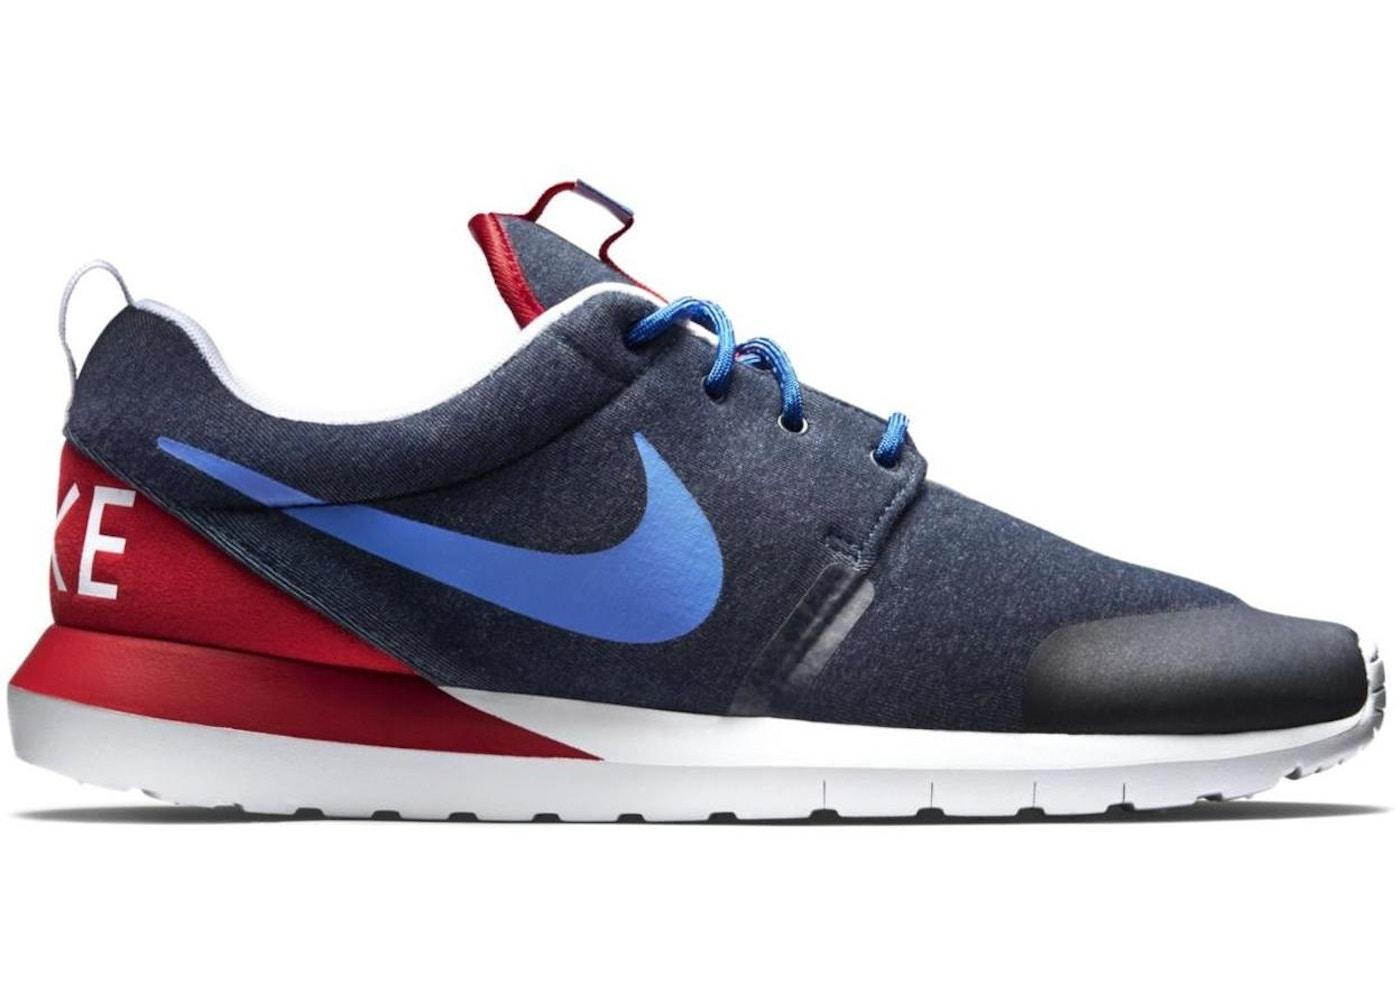 detailed look 75348 e9199 Nike Roshe Run France - 652804-446